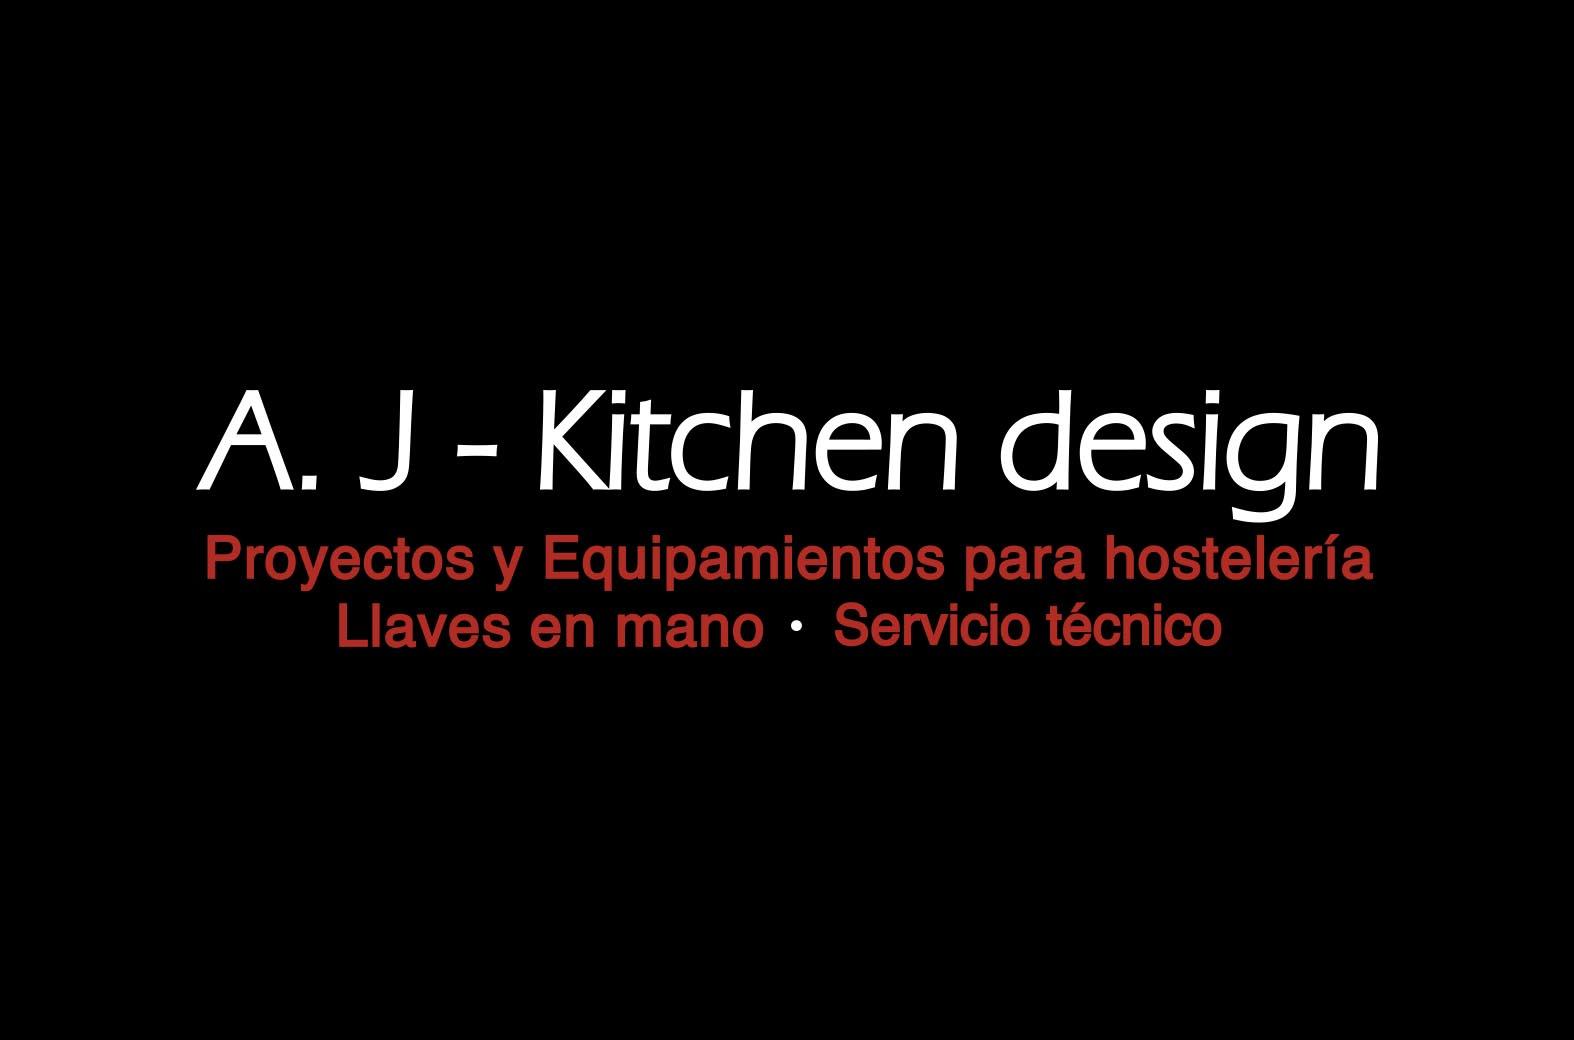 Inicio | AJ KITCHEN